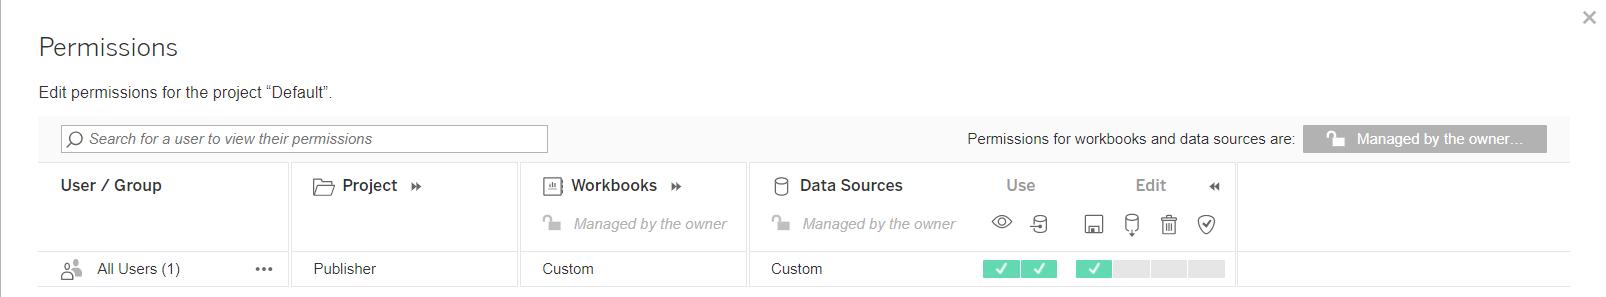 tableau server default project permissions - datasources